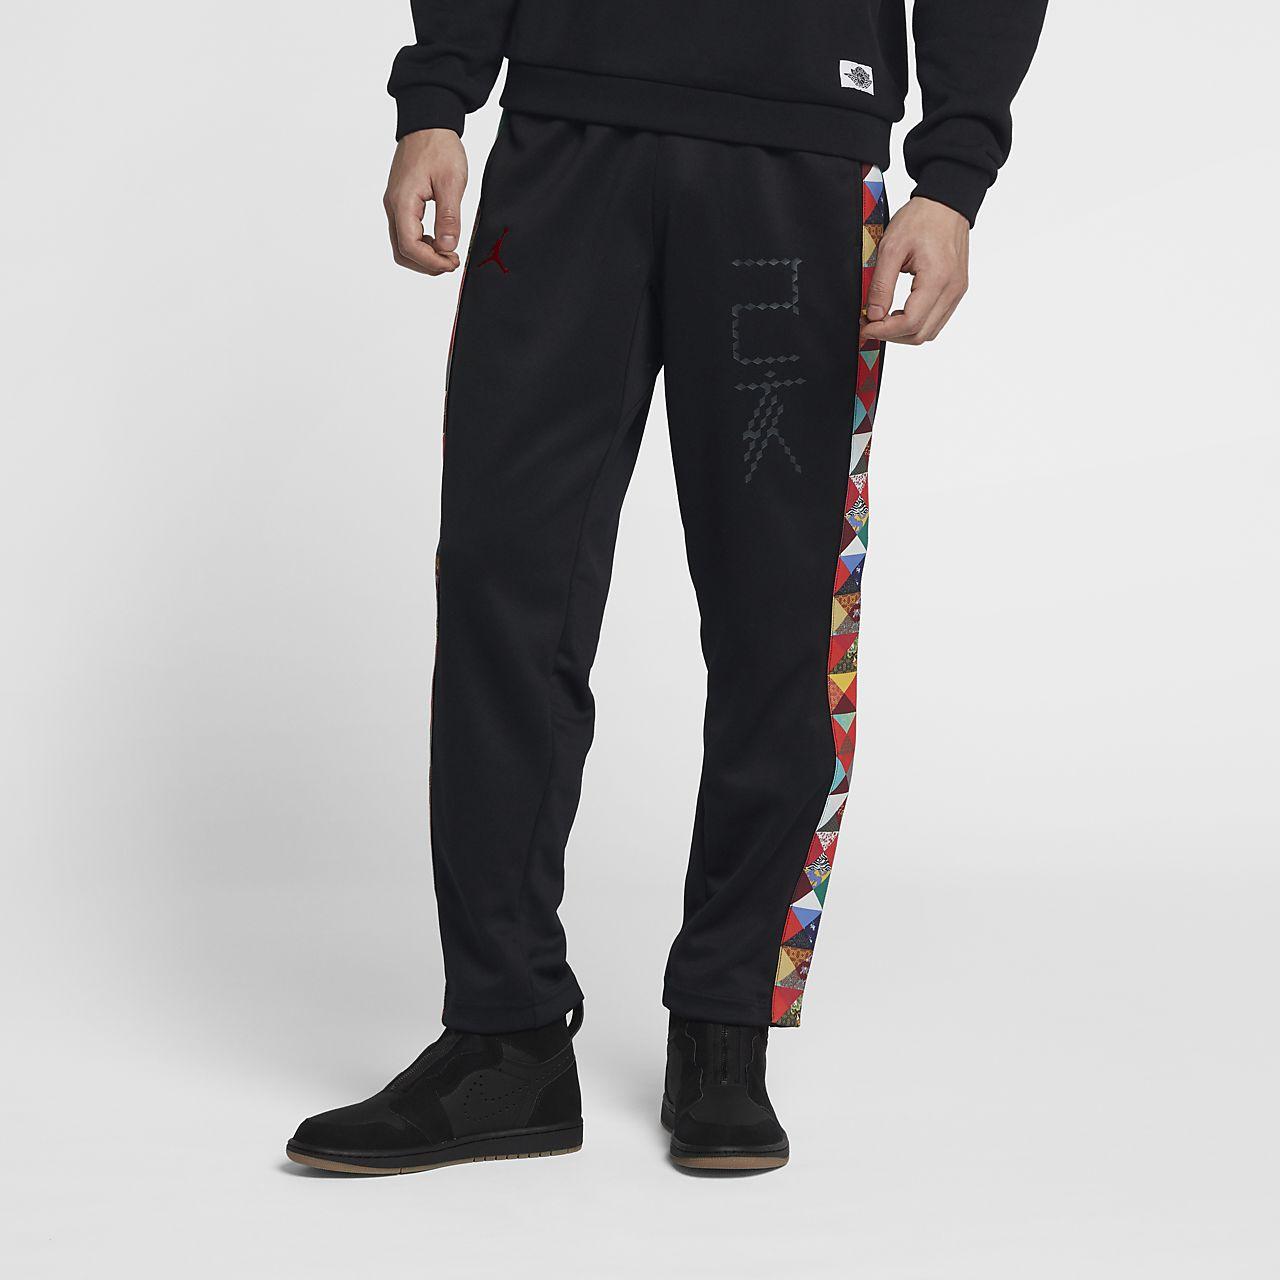 Jordan 男子长裤